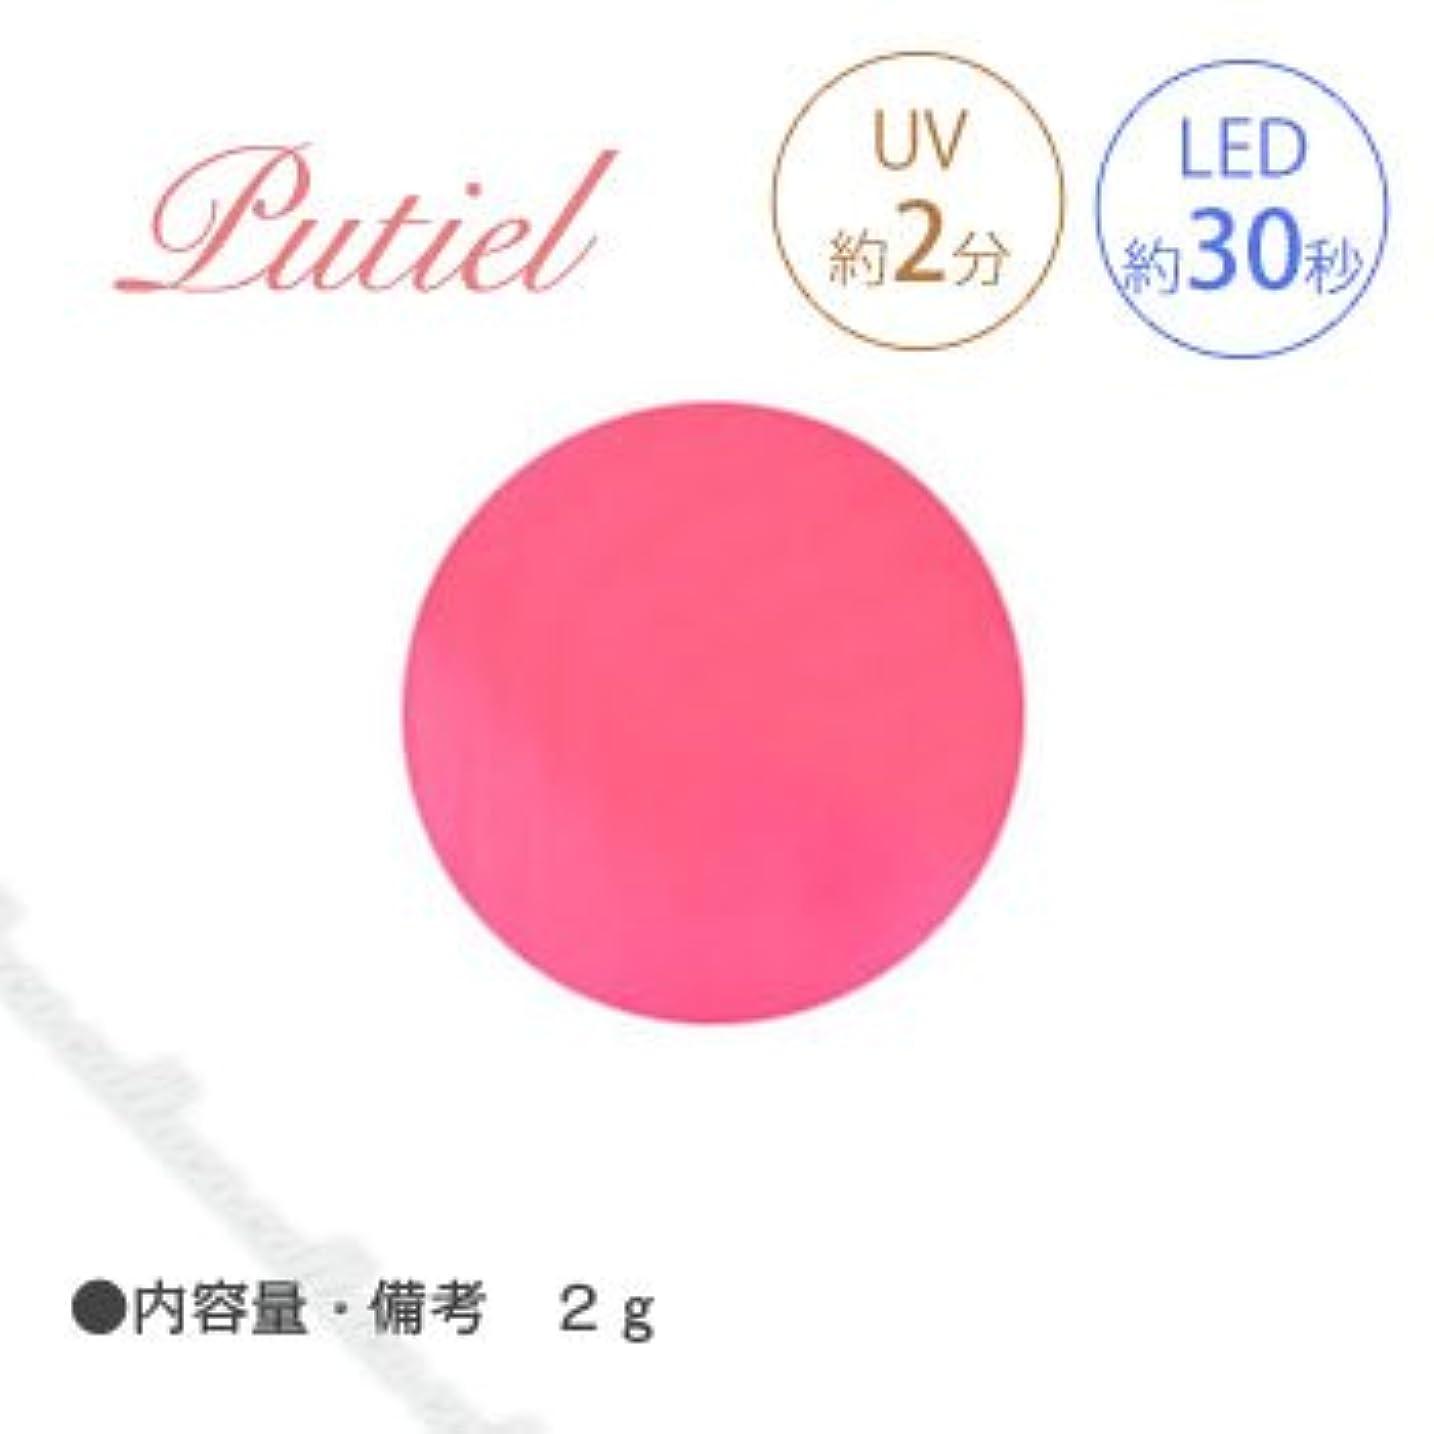 勇敢なバイオレット水星Putiel プティール カラージェル 145 ソフトネオンピンク 2g